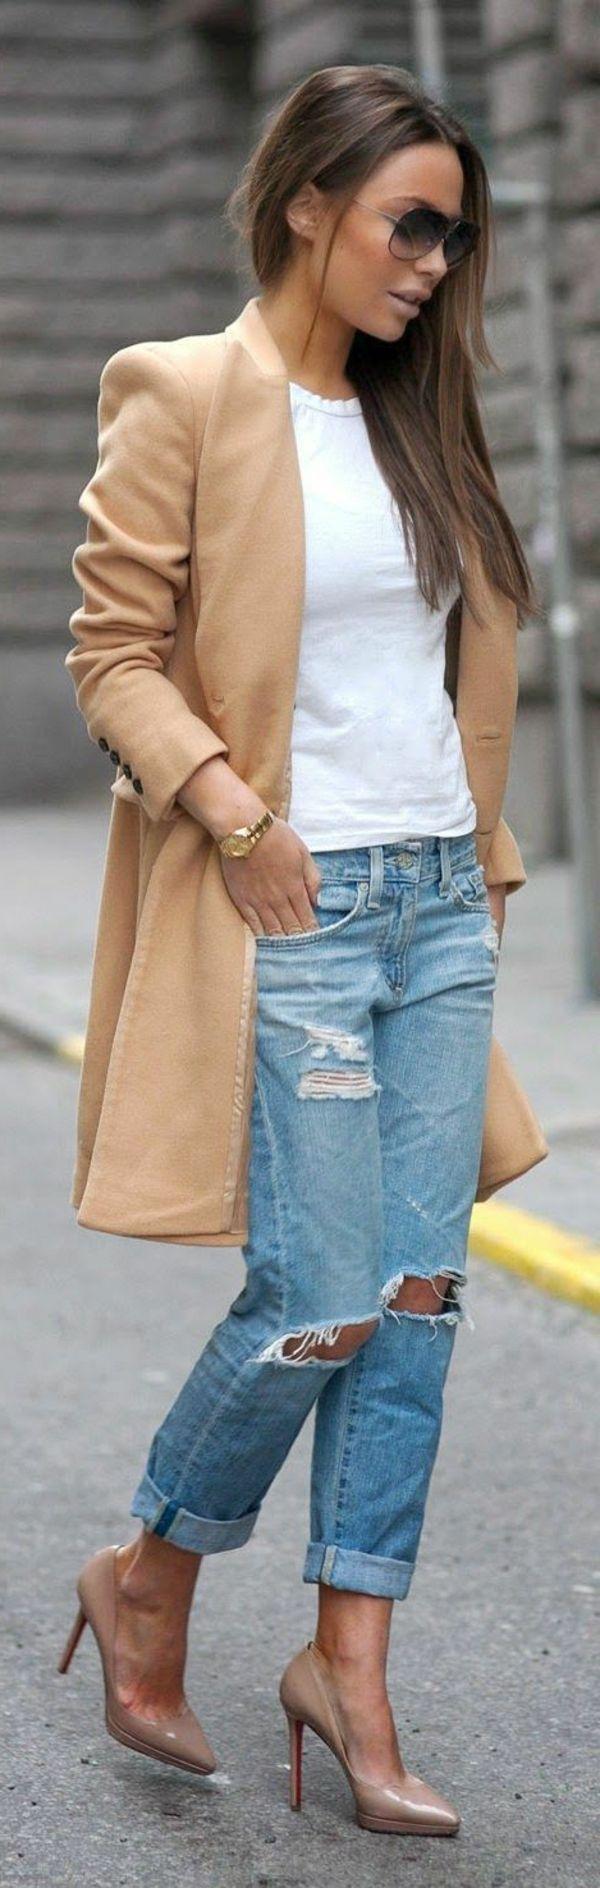 Jeans boyfriend femme OOTD                                                                                                                                                                                 Plus